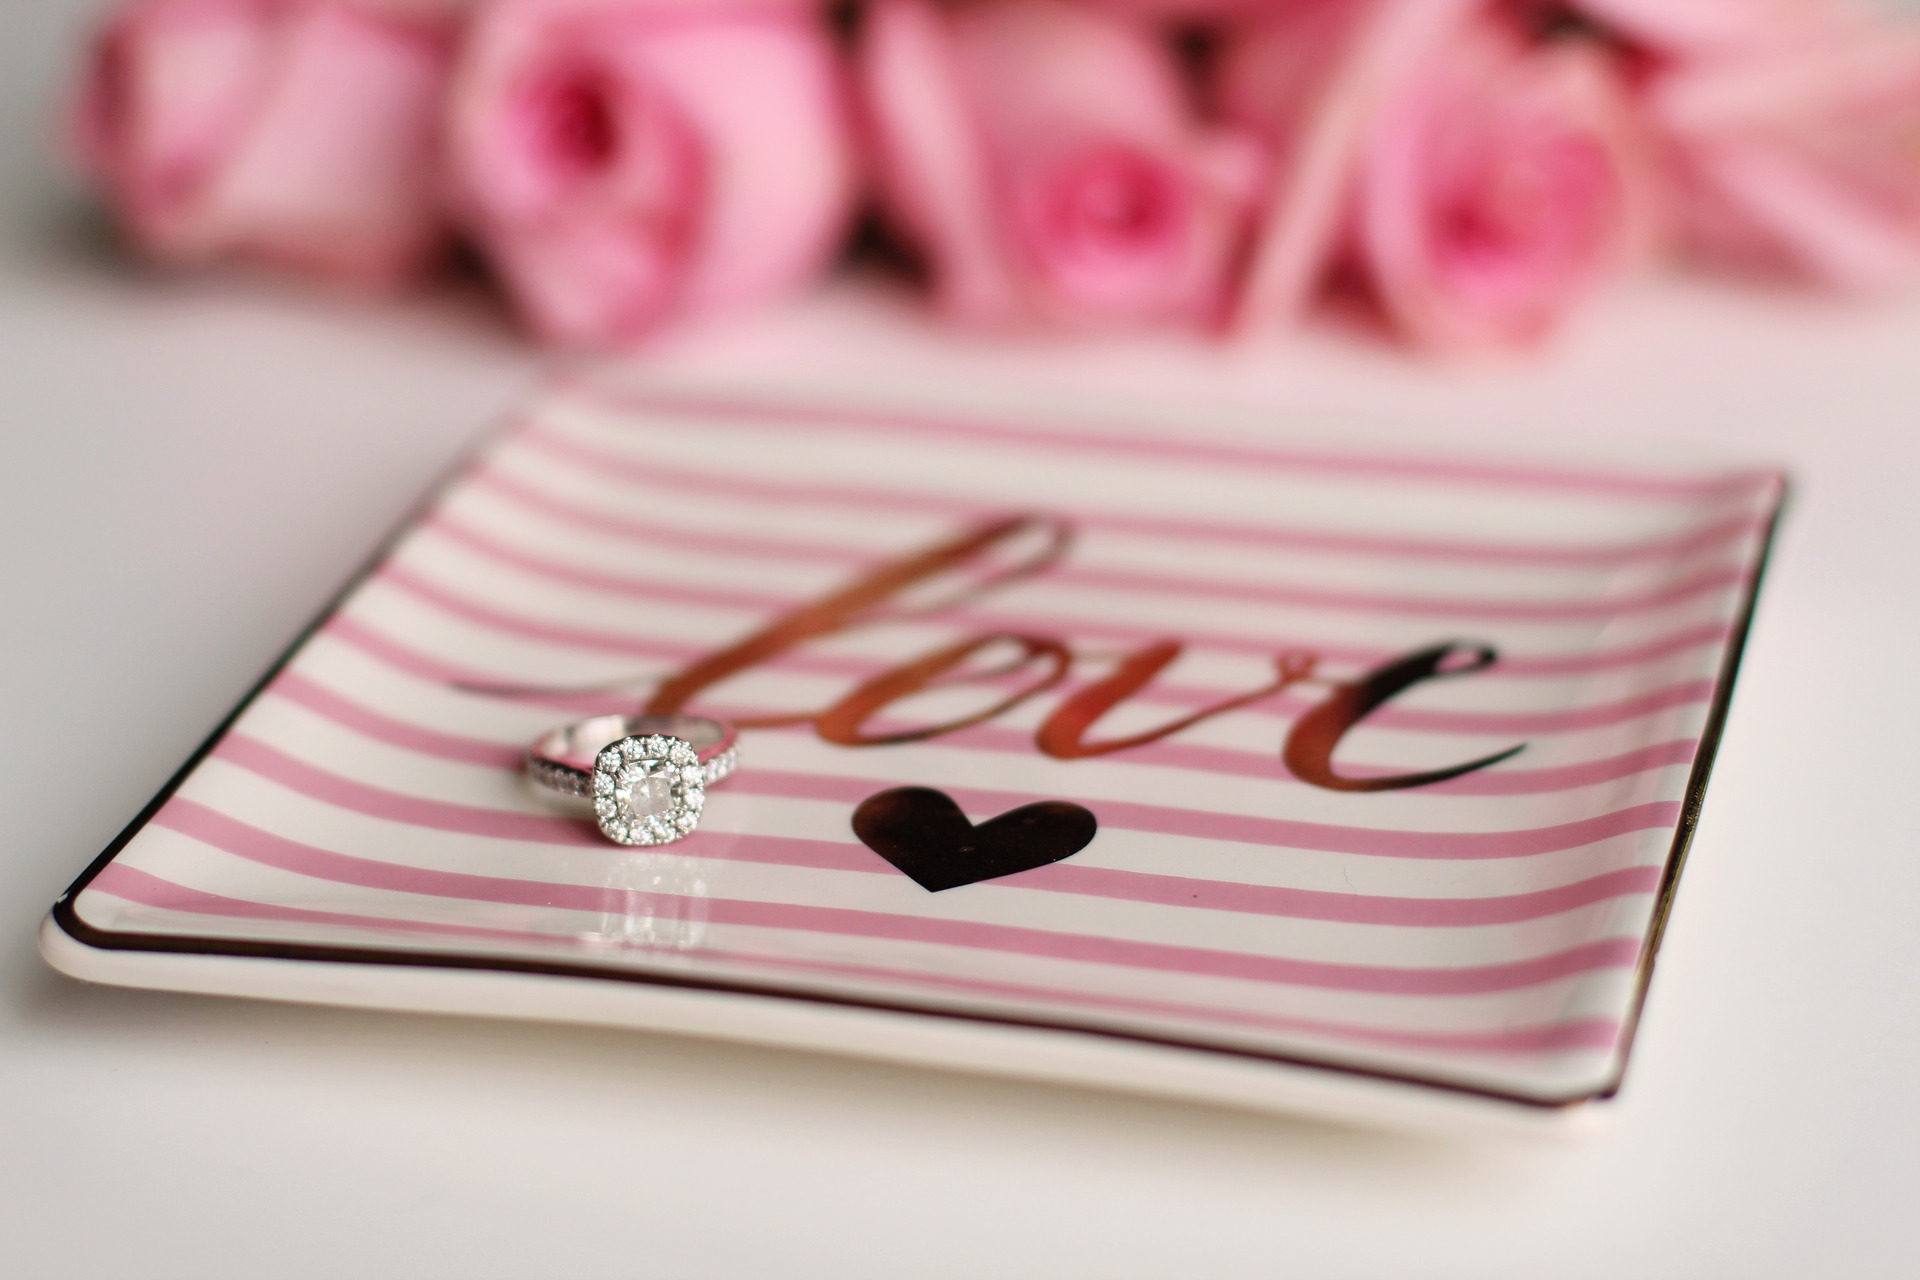 Verlobungsring auf einem Porzellantablett